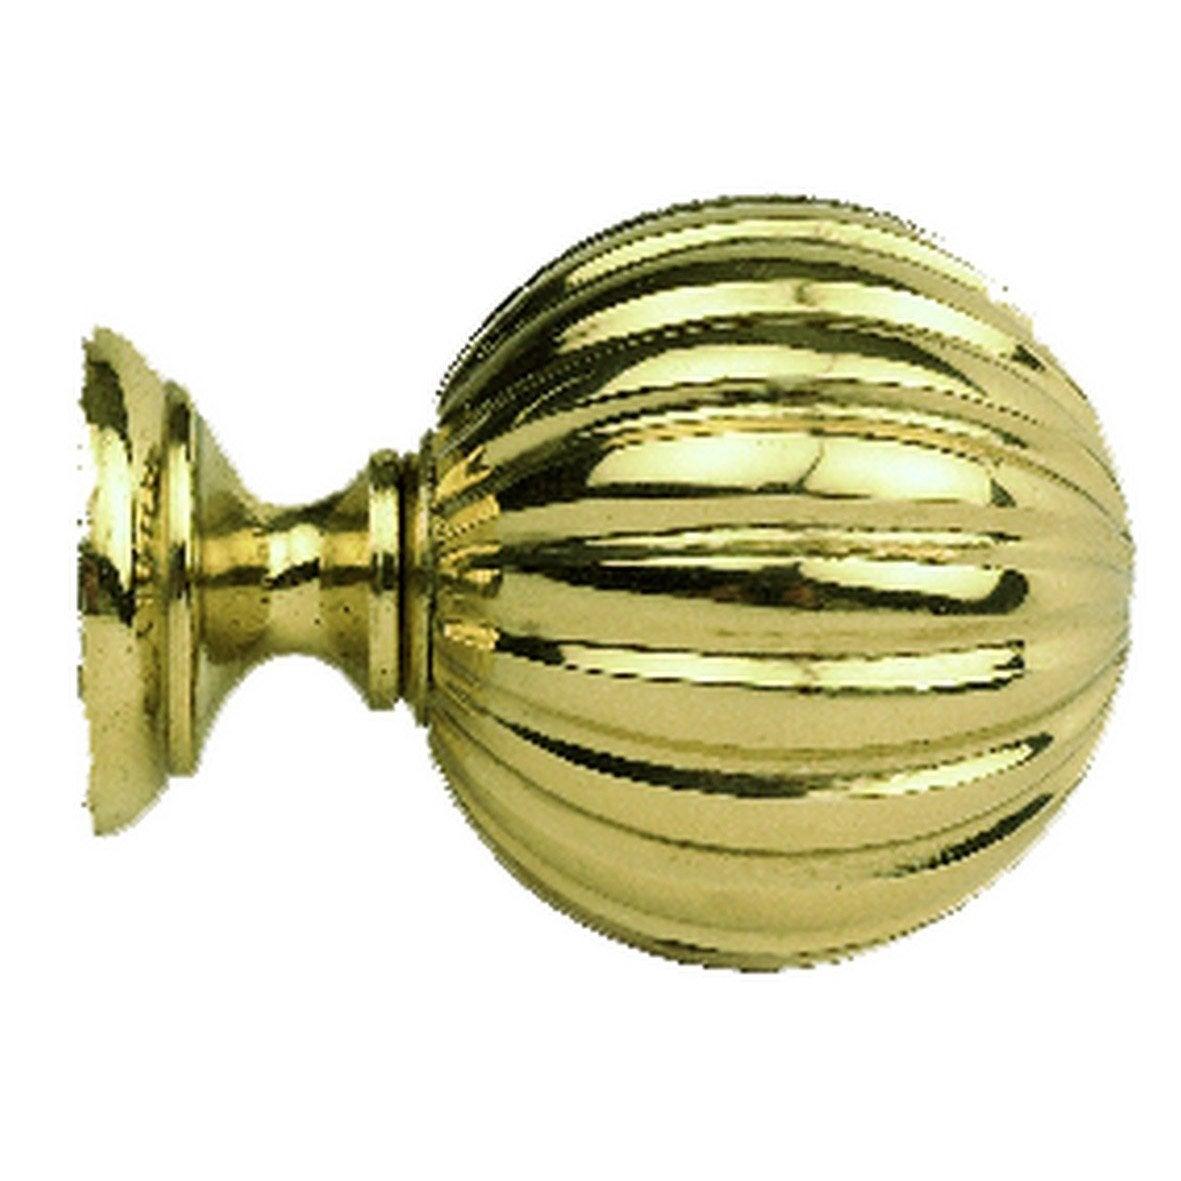 Embout boule inspire pour tringle rideau laitonn diam - Leroy merlin tringle rideau ...